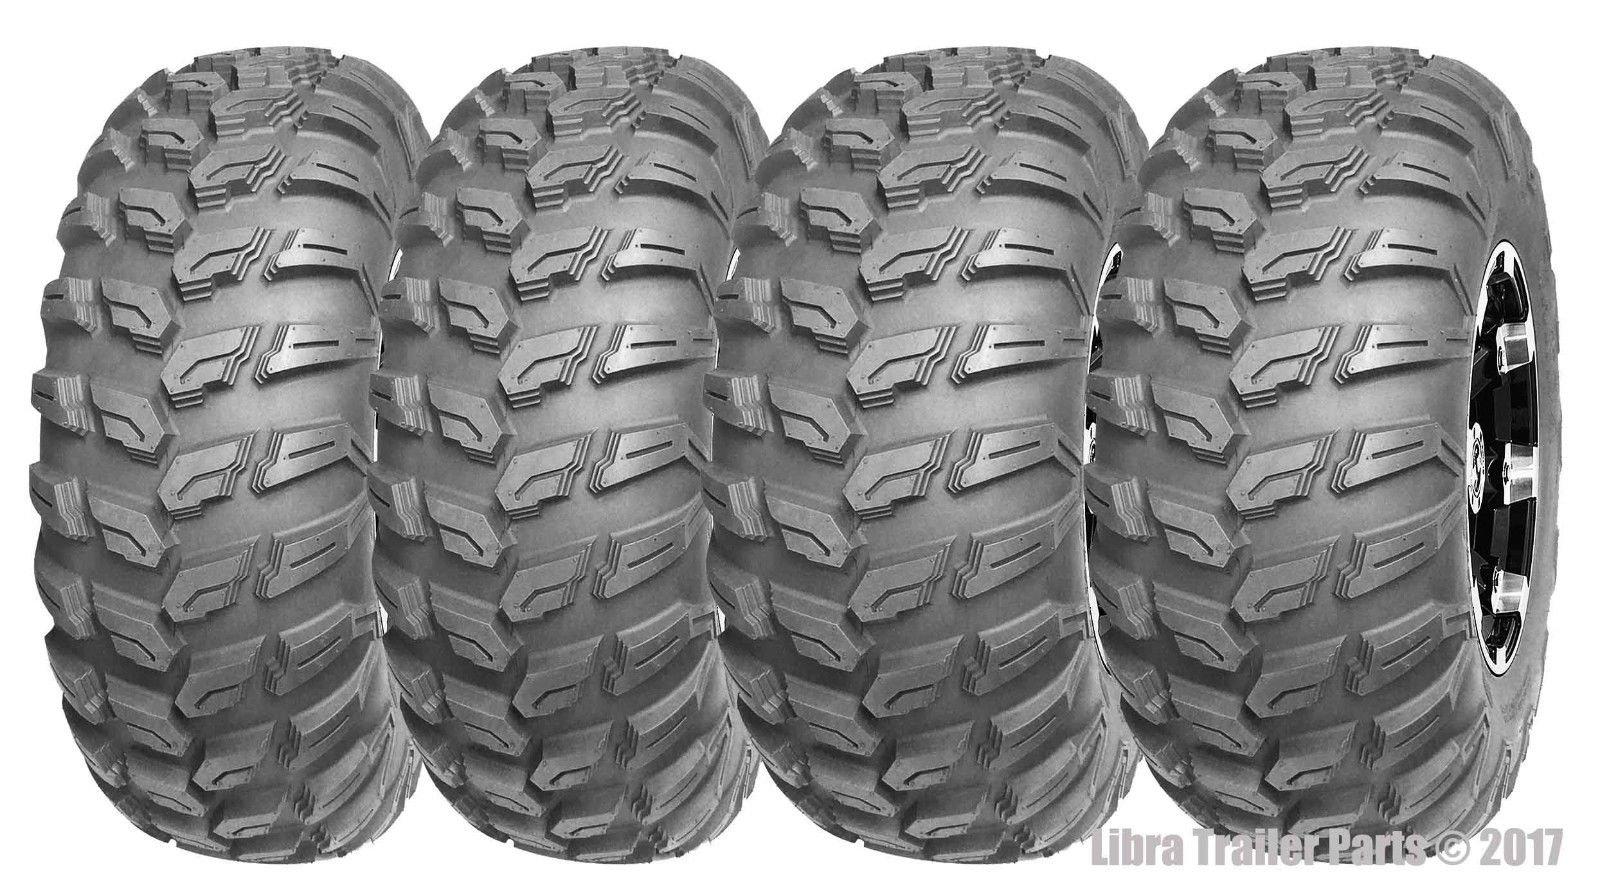 Set of 4 WANDA ATV/UTV Tires 26x9R14 Front & 26x11R14 Rear Radial 6PR Deep Tread